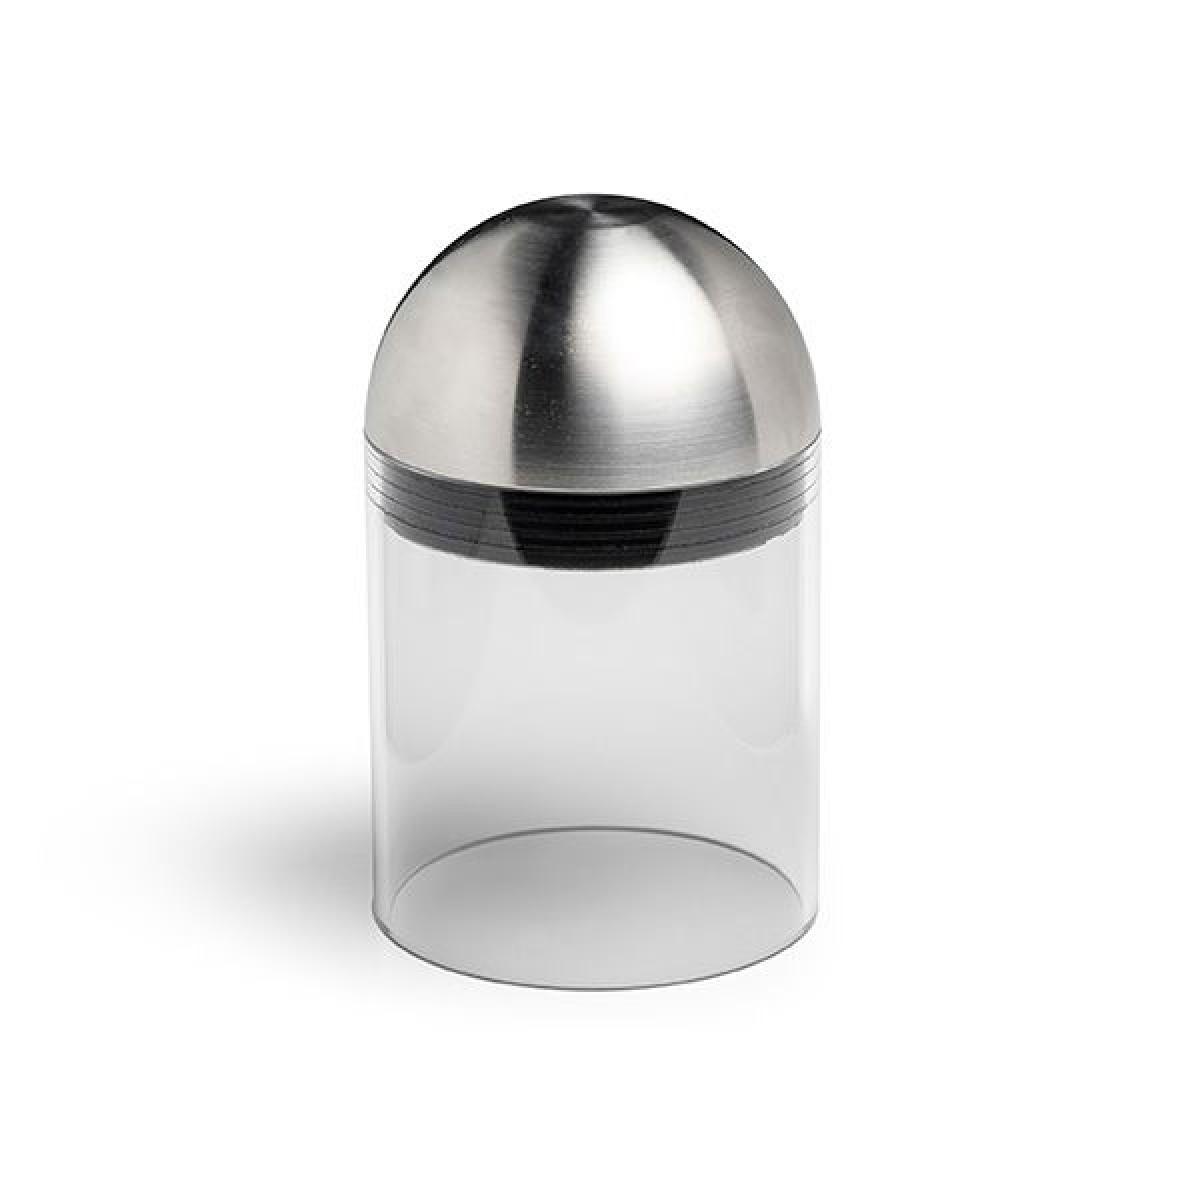 GRAVITY CANDLE (M90) Lantern | Windlicht von höfats